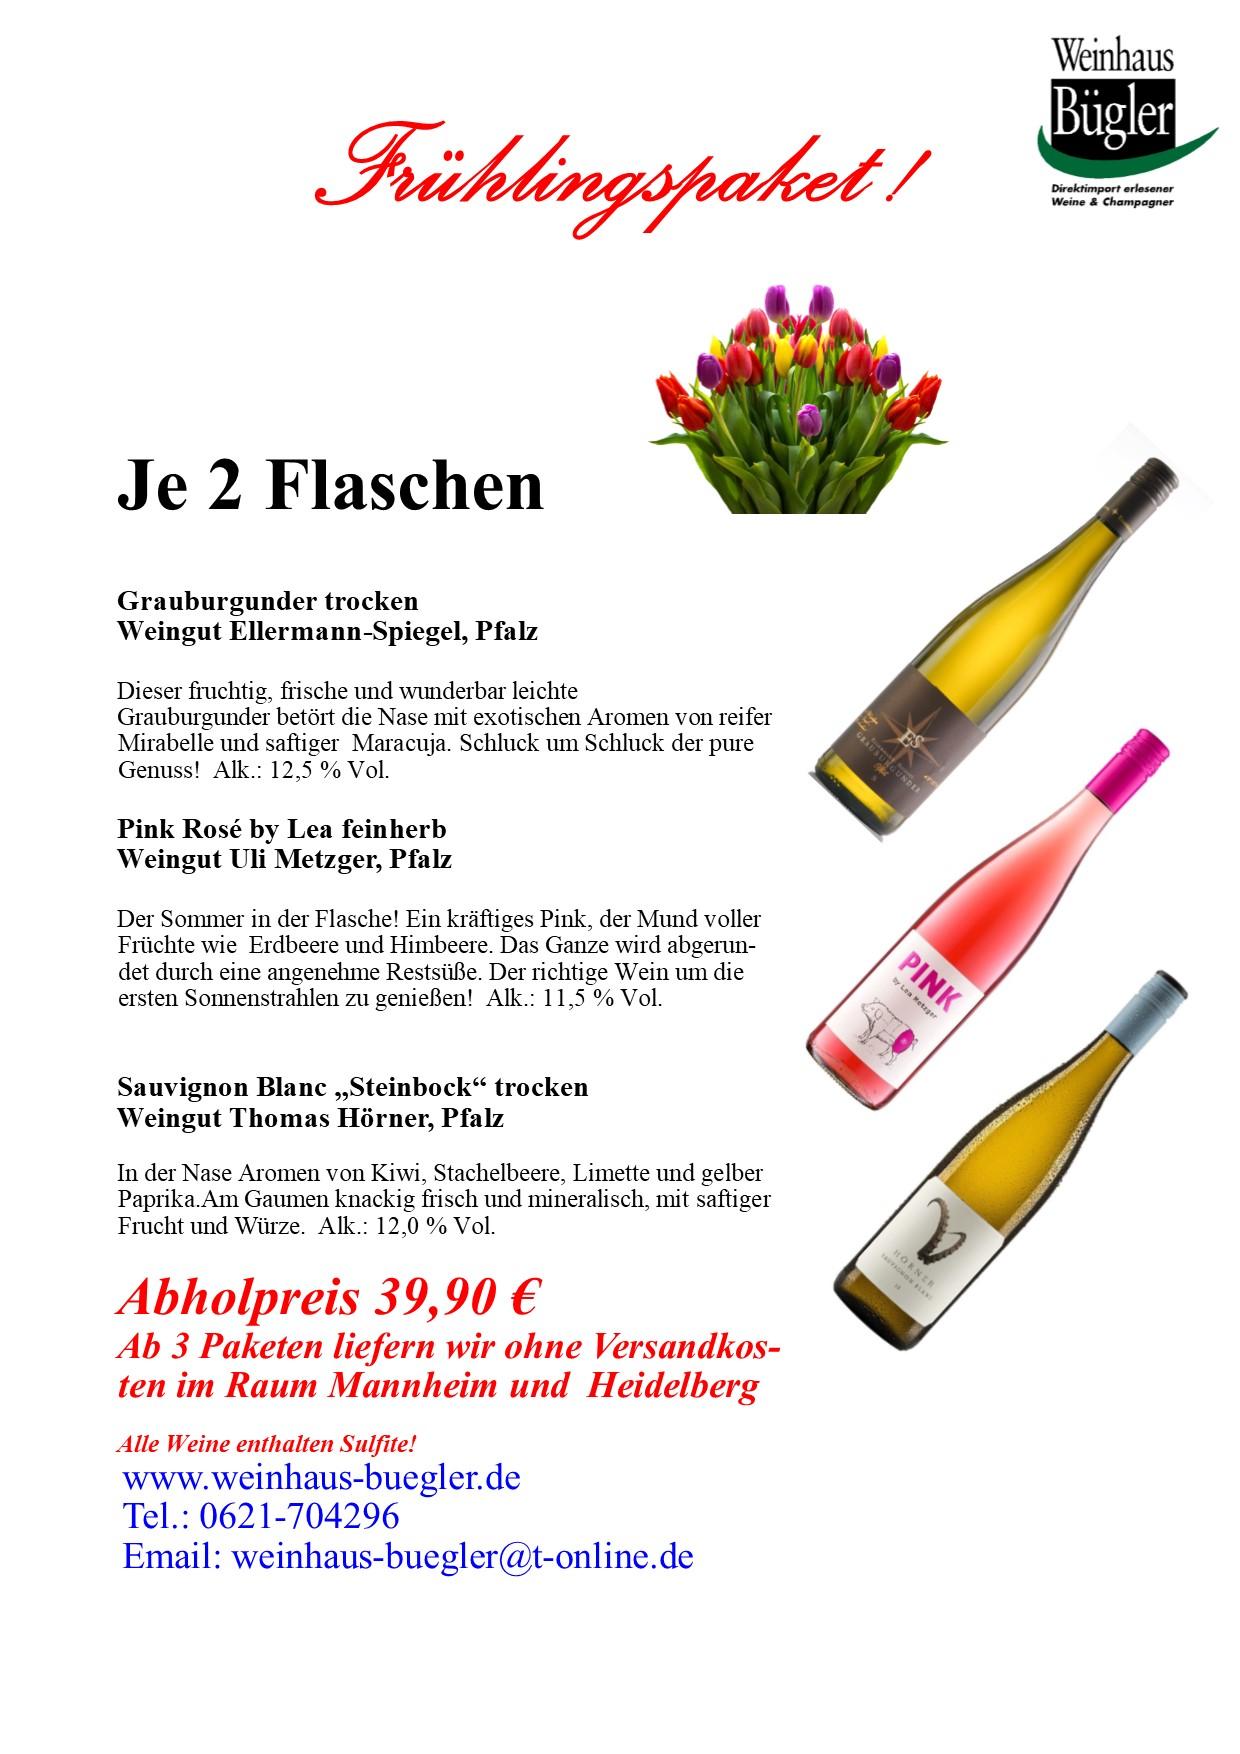 Weinhaus Bügler: Wieder geöffnet!